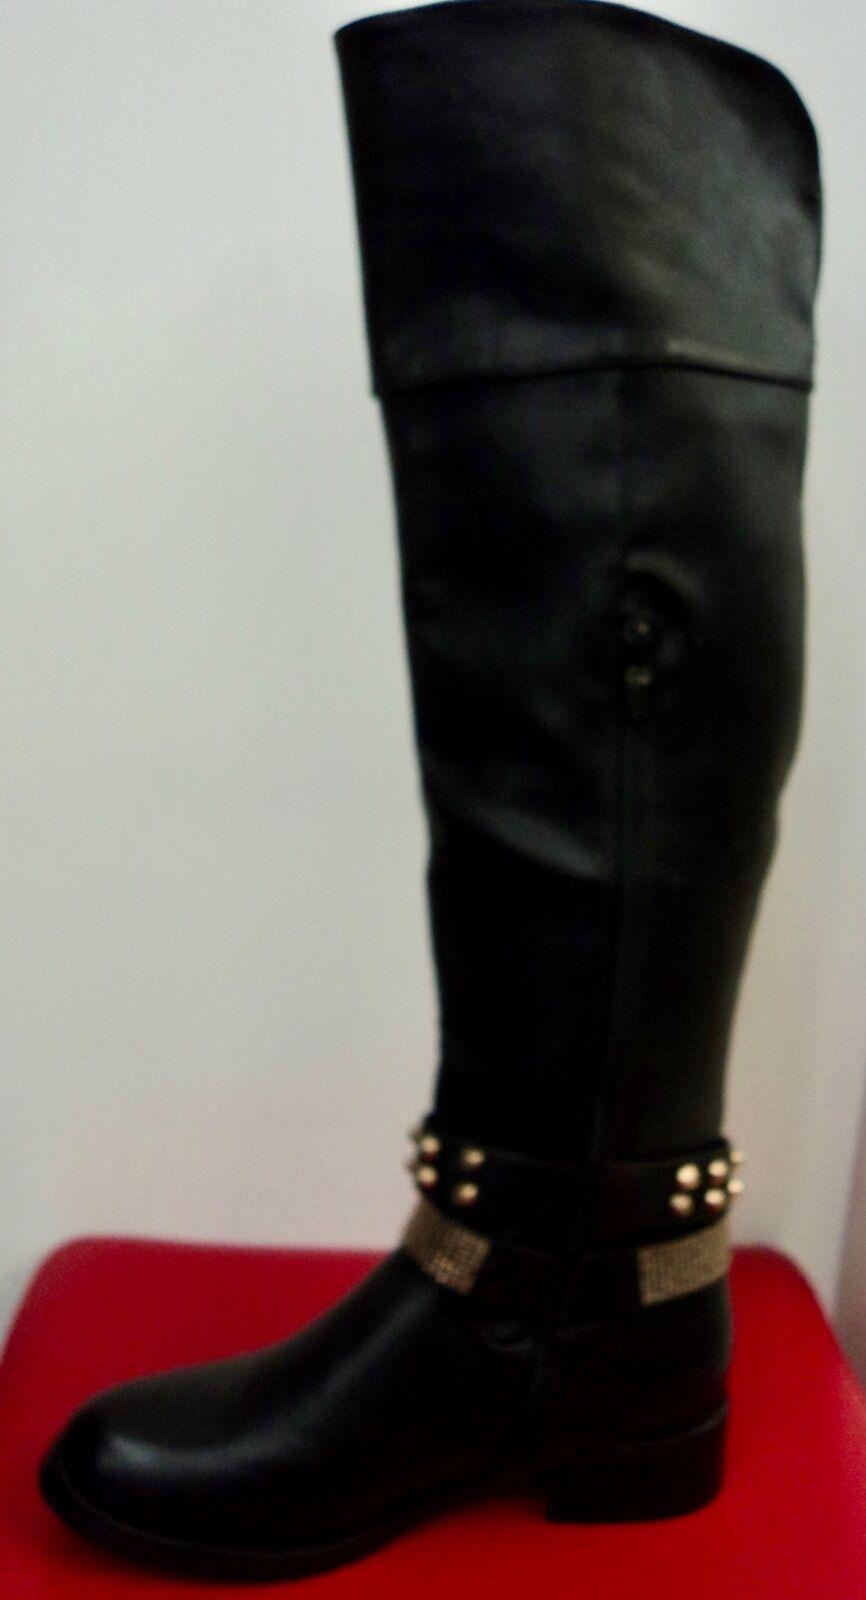 Damen Schuhe Stiefel Stiefeletten Schnalle Boots mit Reißverschluss und Schnalle Stiefeletten 37-39 cb3de9